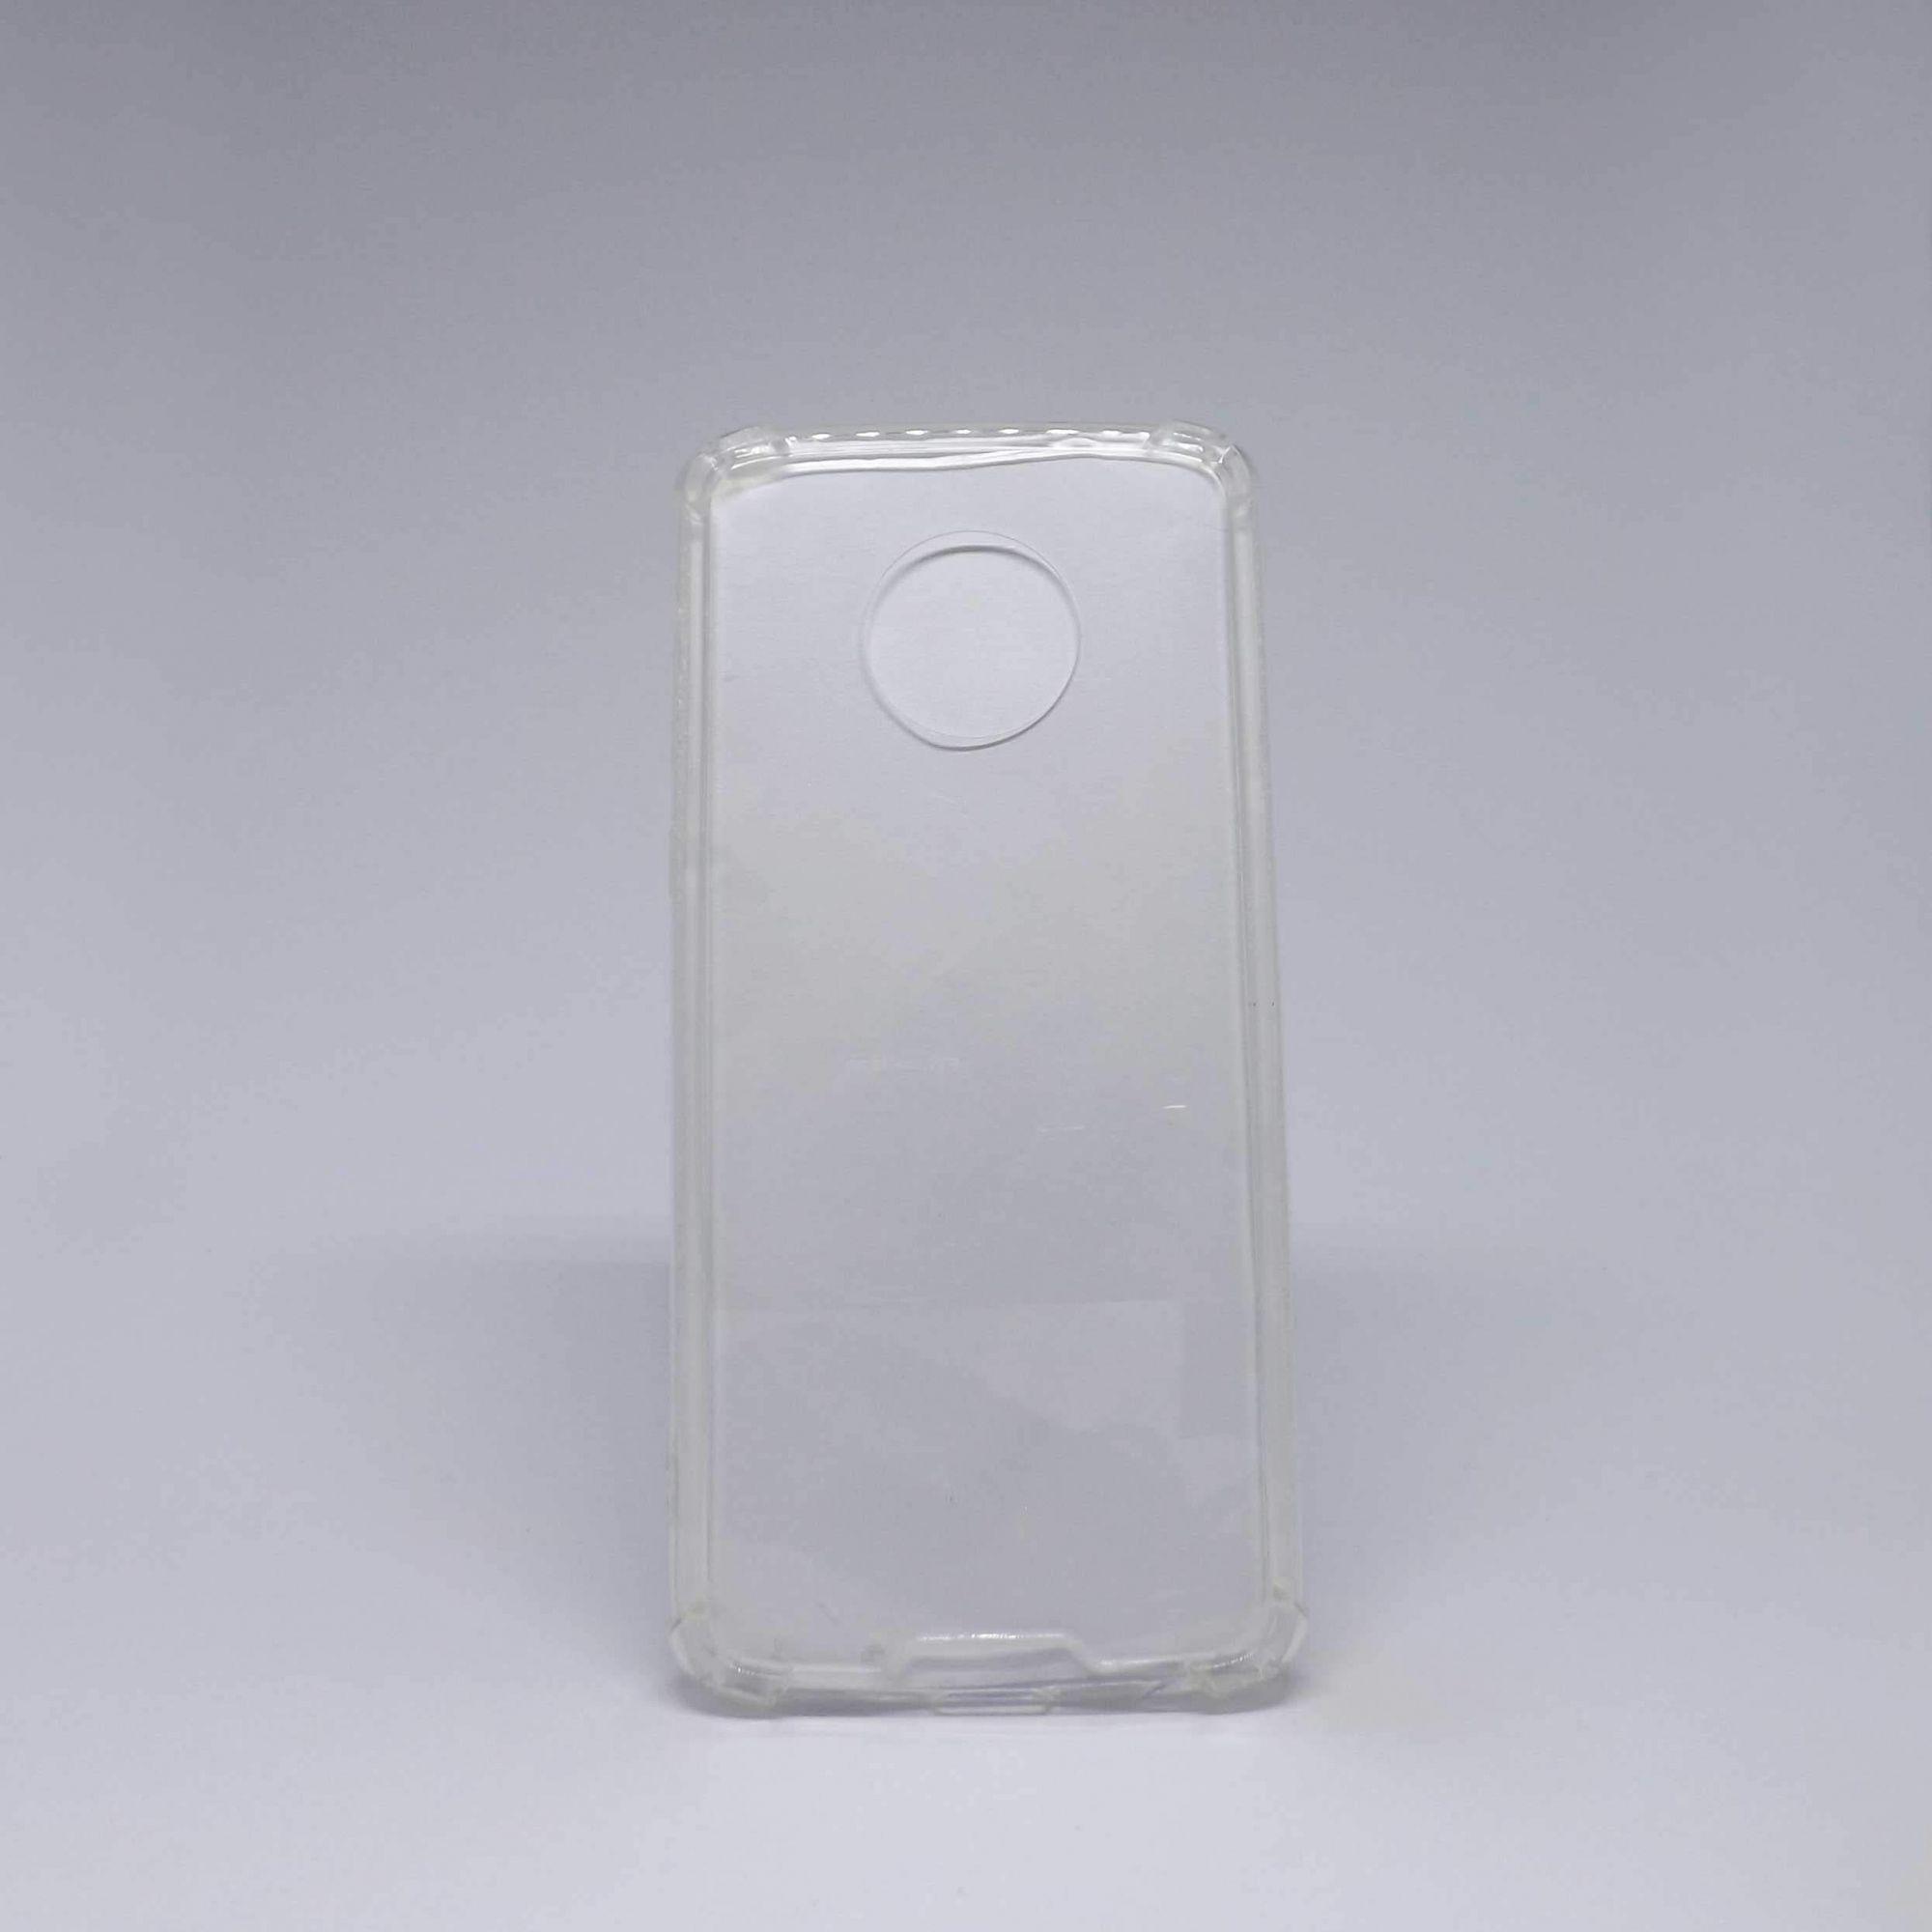 Capa Moto X4 Transparente